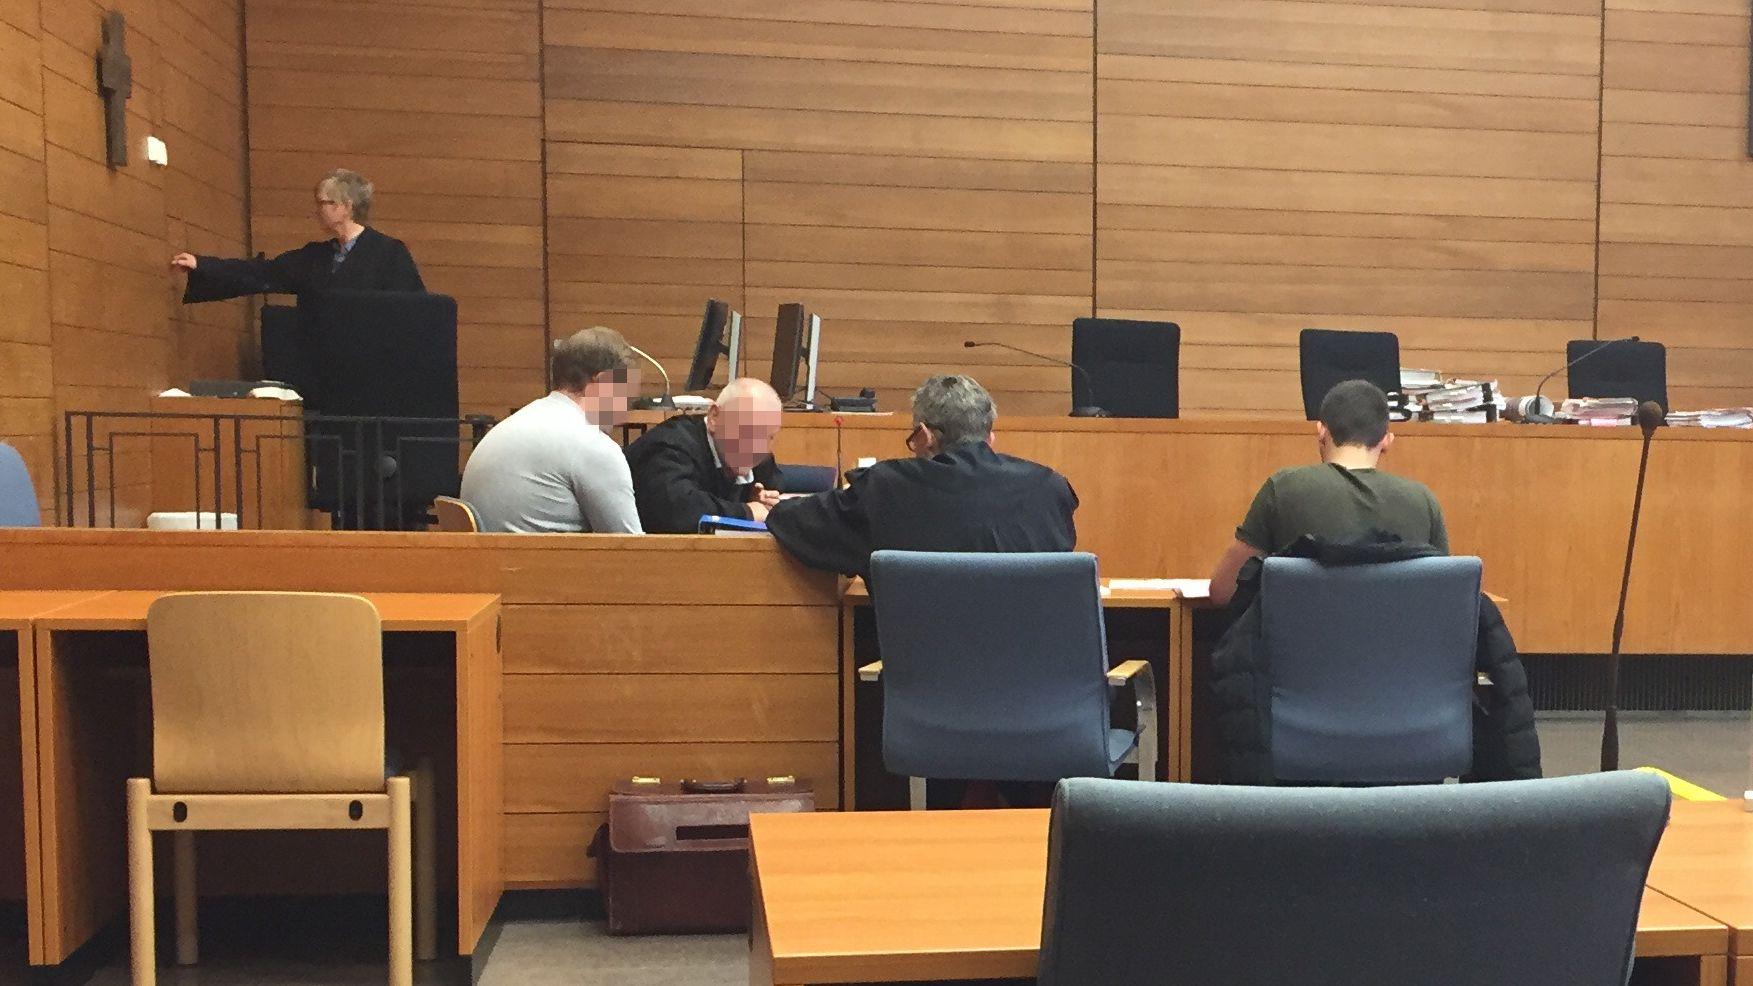 Der Berufungsprozess um tödlichen Samerberg-Unfall dauert an. Im Bild: Die beiden Angeklagten mit ihren Anwälten.